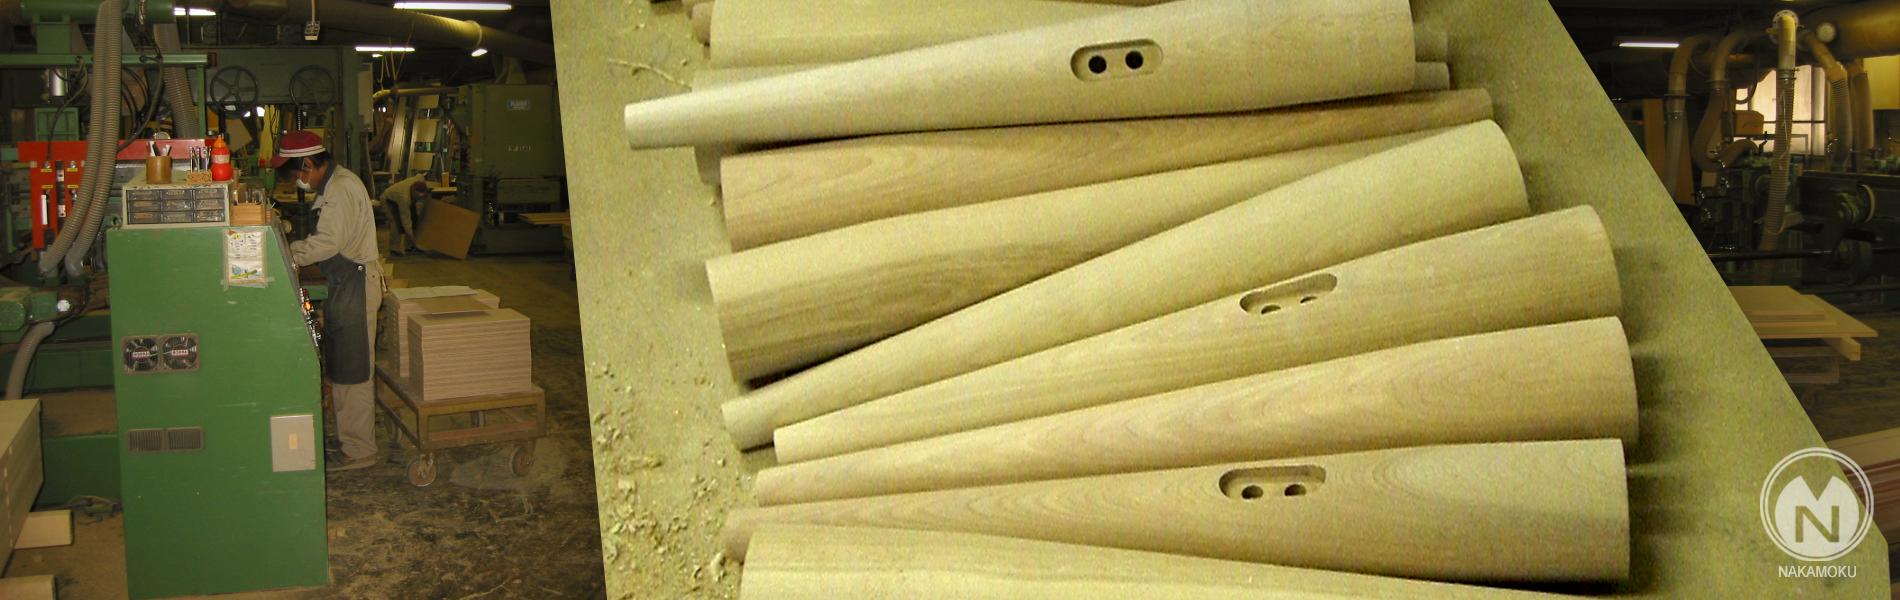 株式会社 中島木芸社|木製家具製造現場